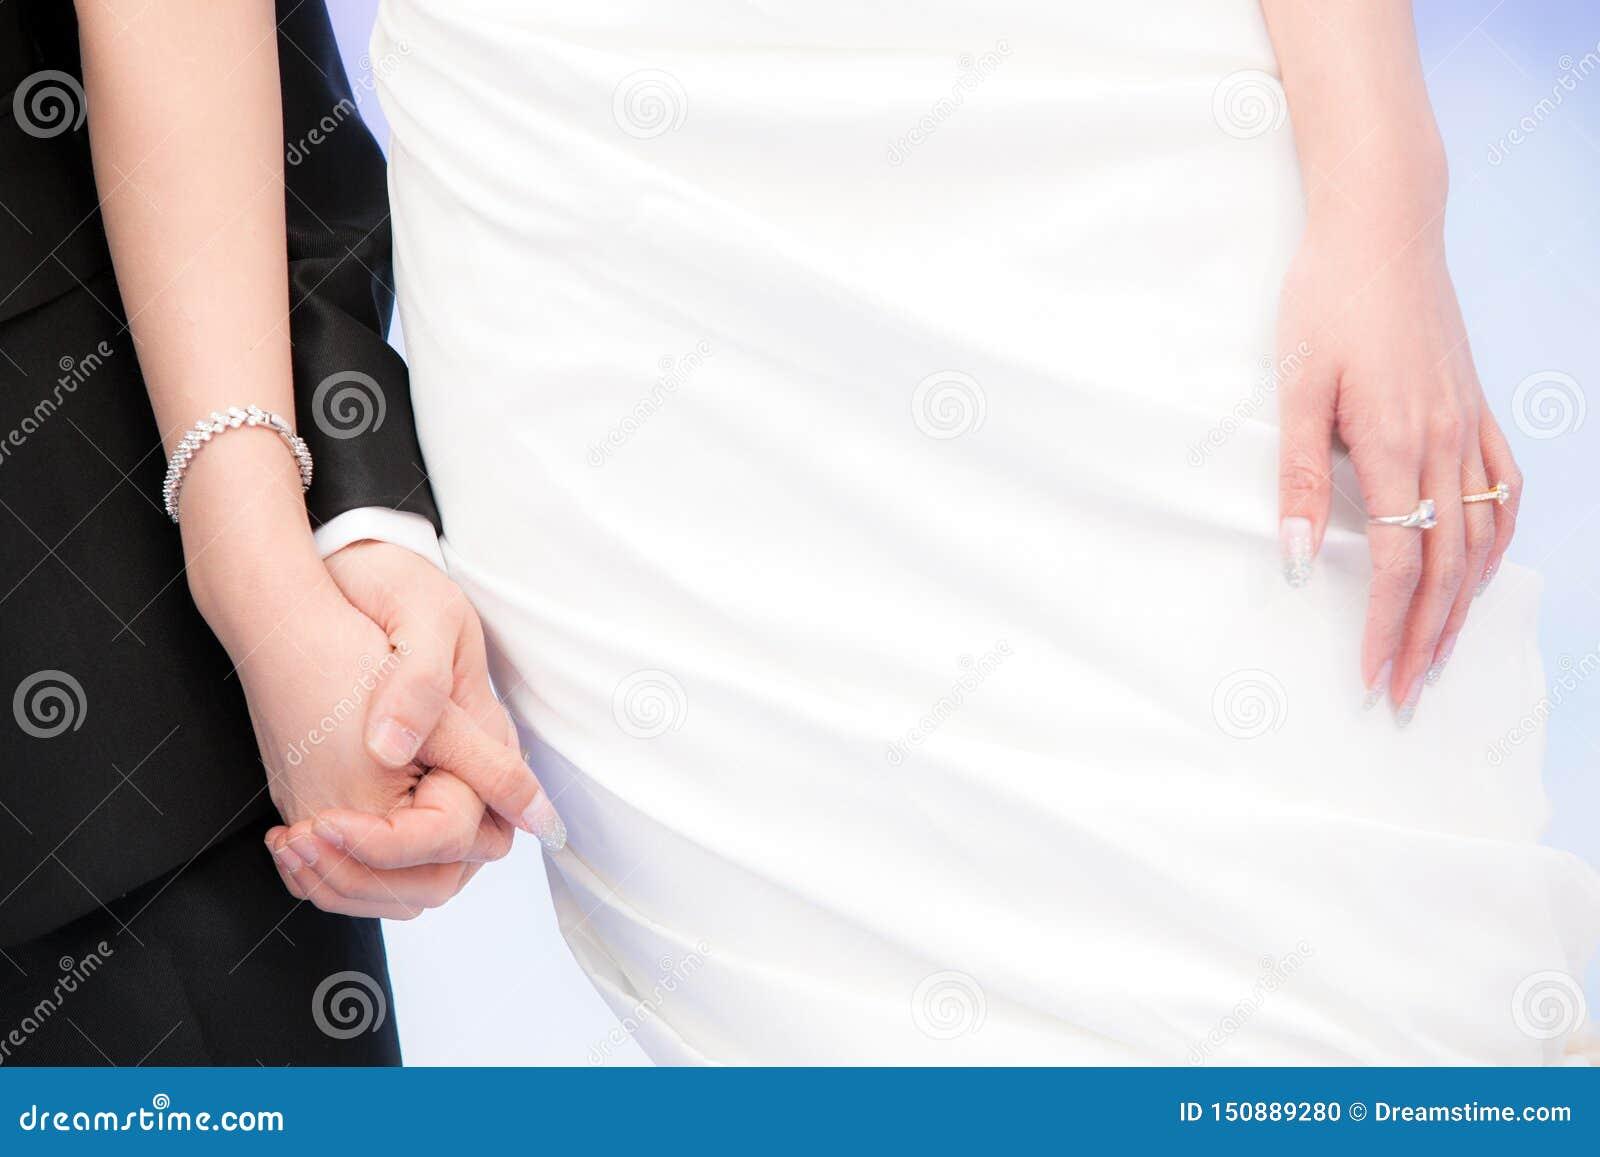 握有圆环的新郎和新娘手在他们的手指